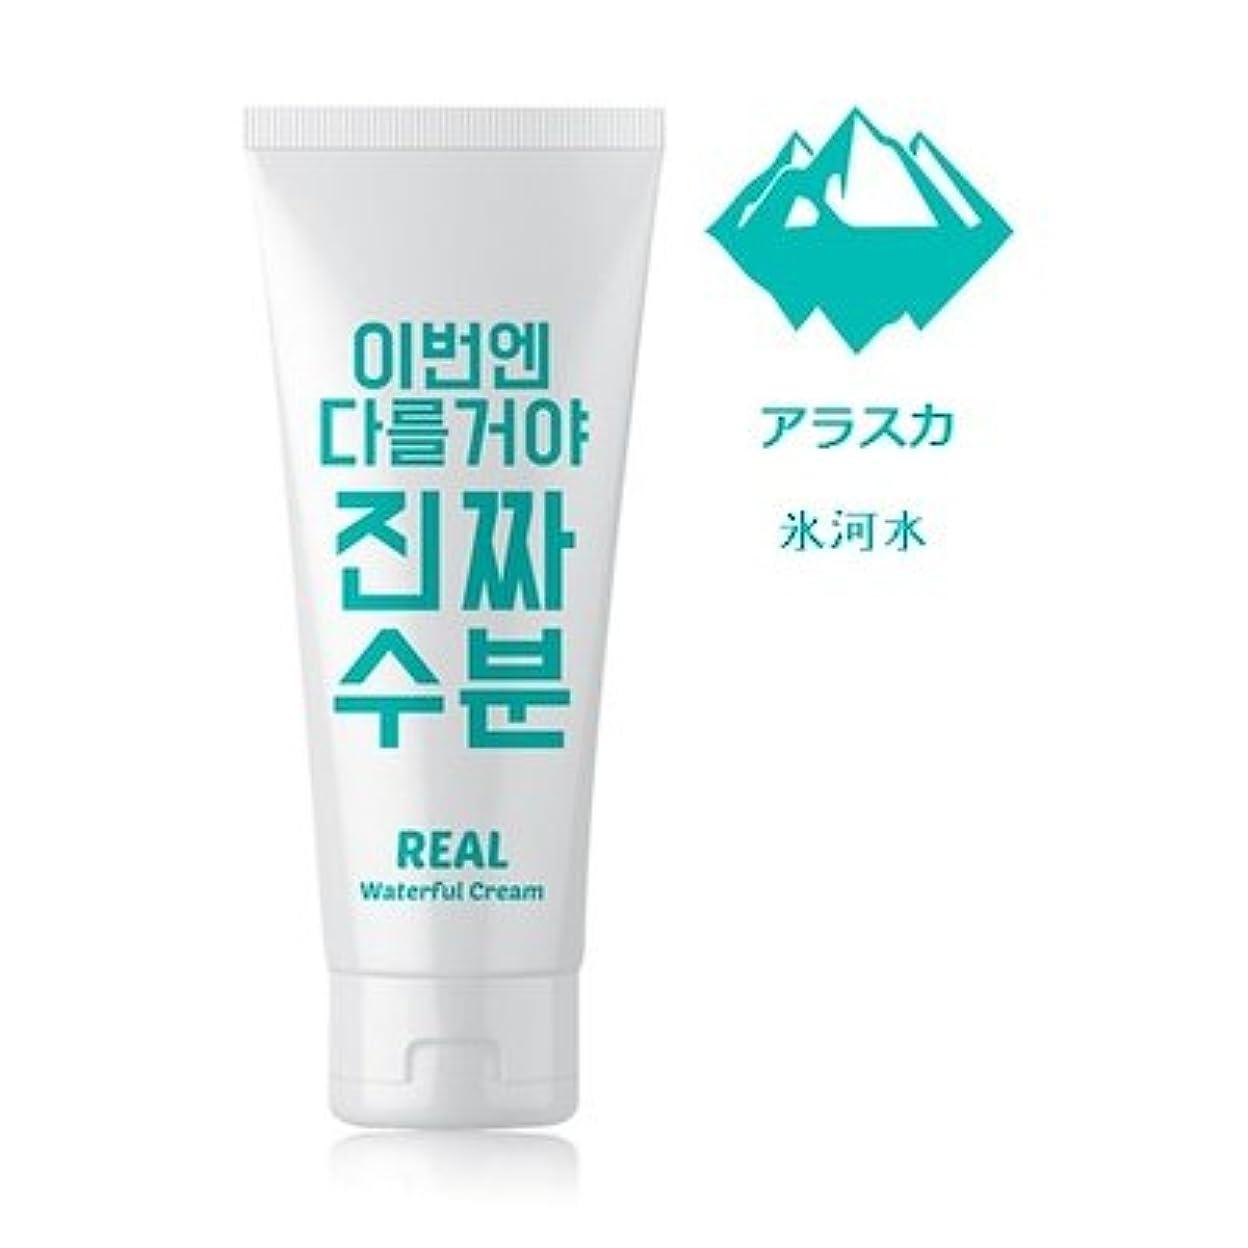 人に関する限り宇宙の重大Jaminkyung Real Waterful Cream/孜民耕 [ジャミンギョン] 今度は違うぞ本当の水分クリーム 200ml [並行輸入品]